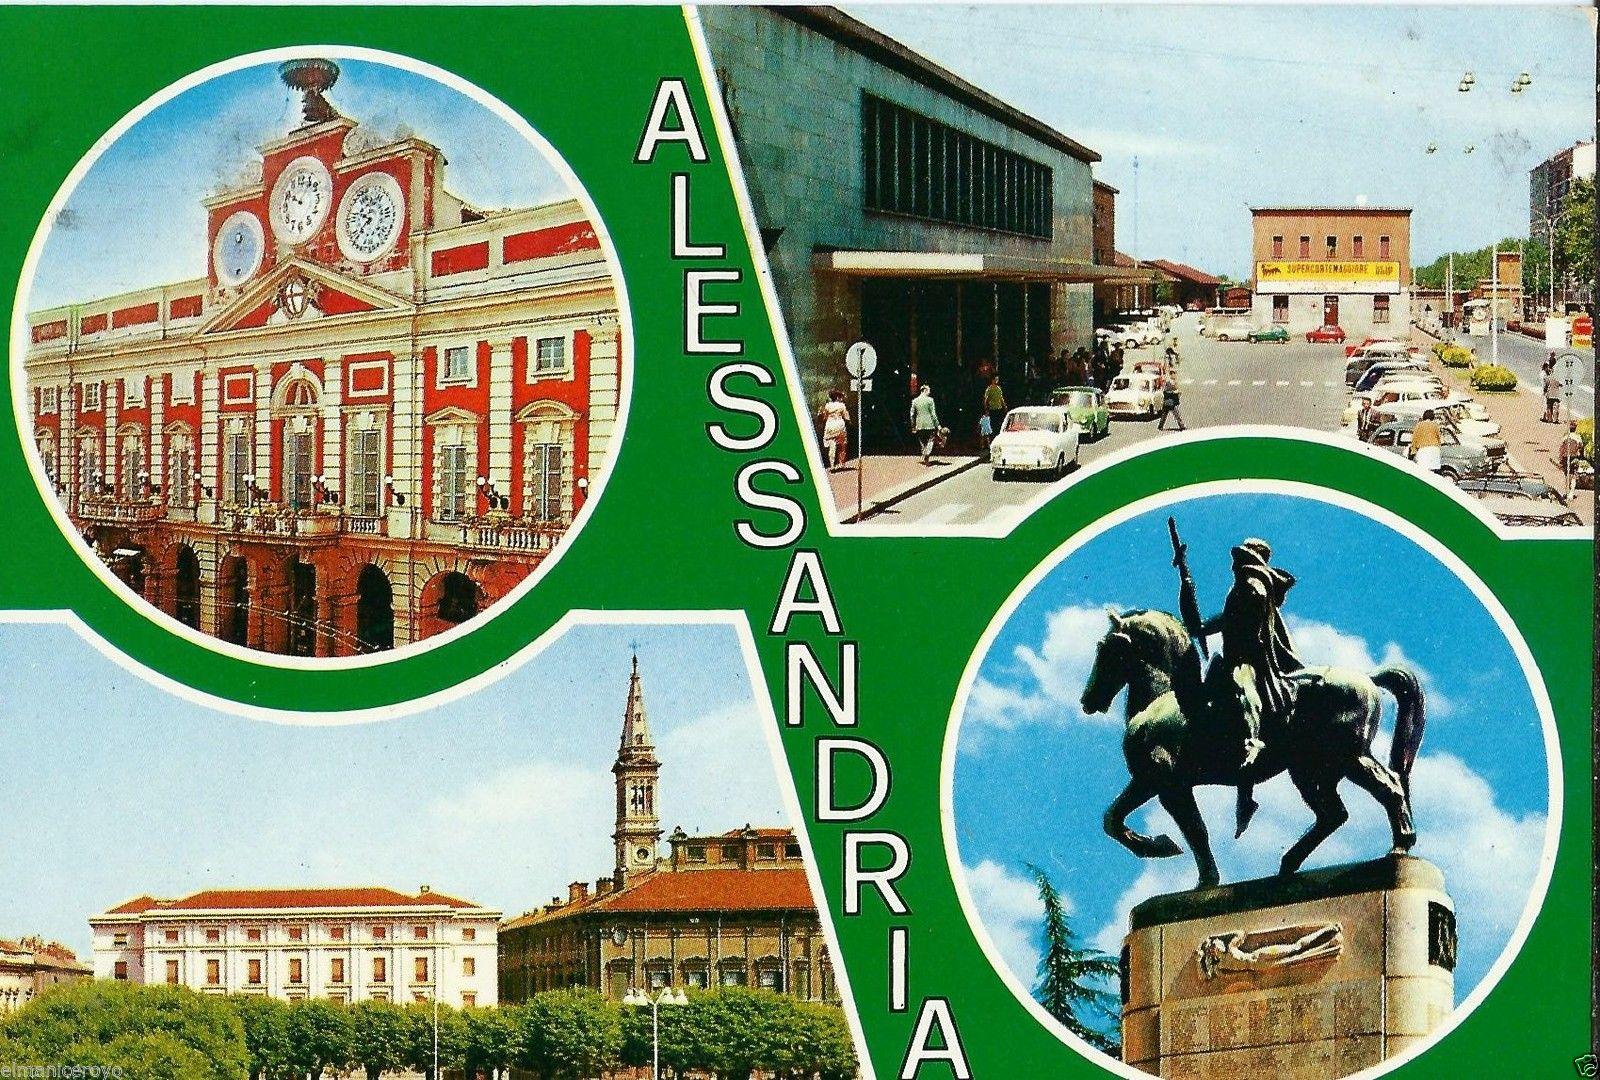 ALESSANDRIA - 1976